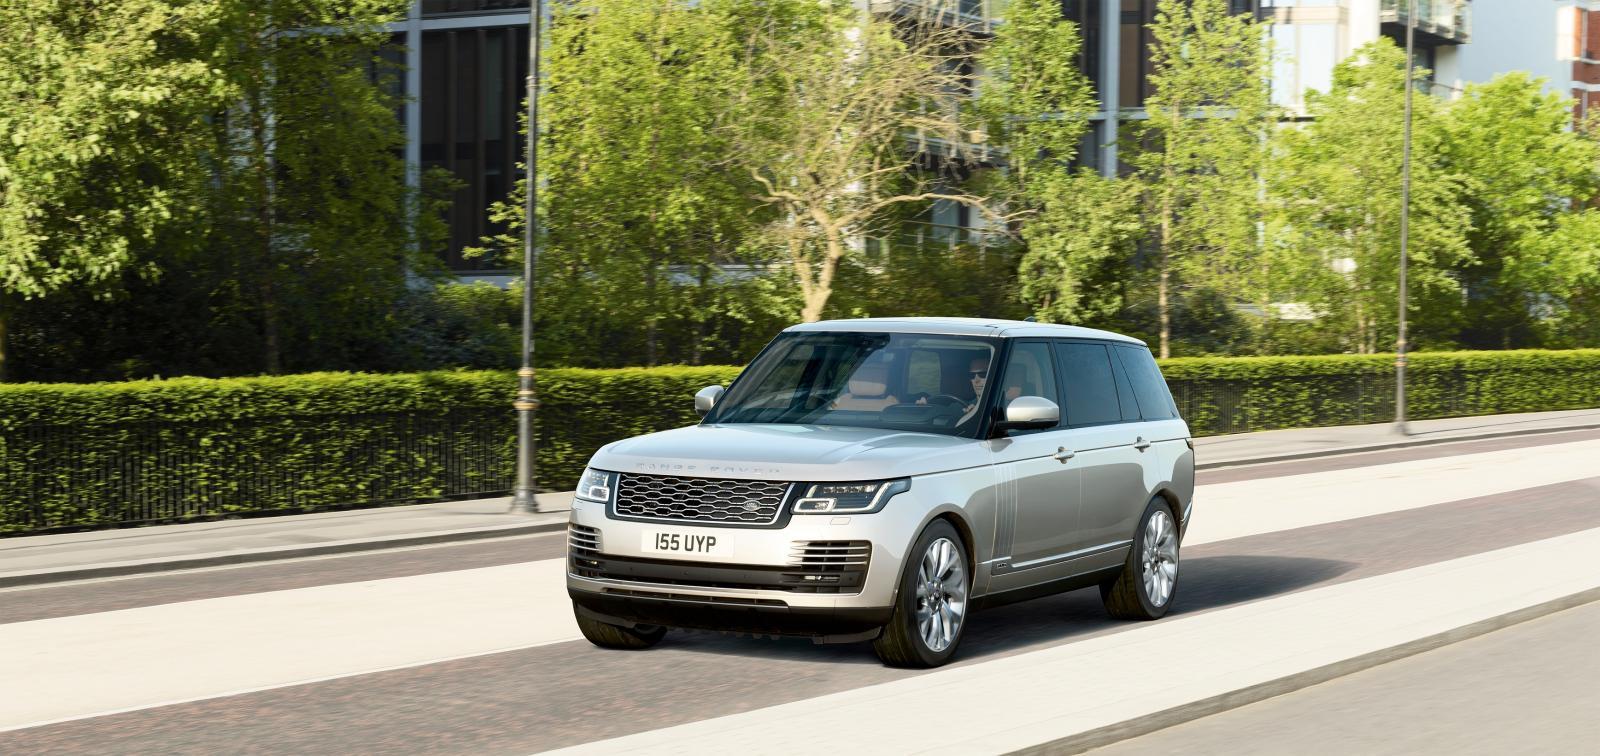 2018-facelift-Range-Rover- (1)